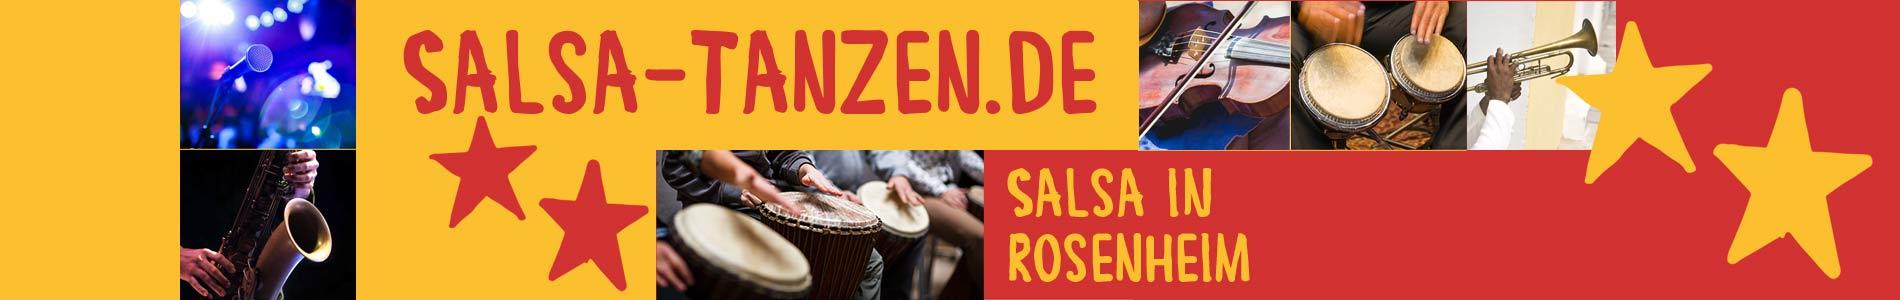 Salsa in Rosenheim – Salsa lernen und tanzen, Tanzkurse, Partys, Veranstaltungen